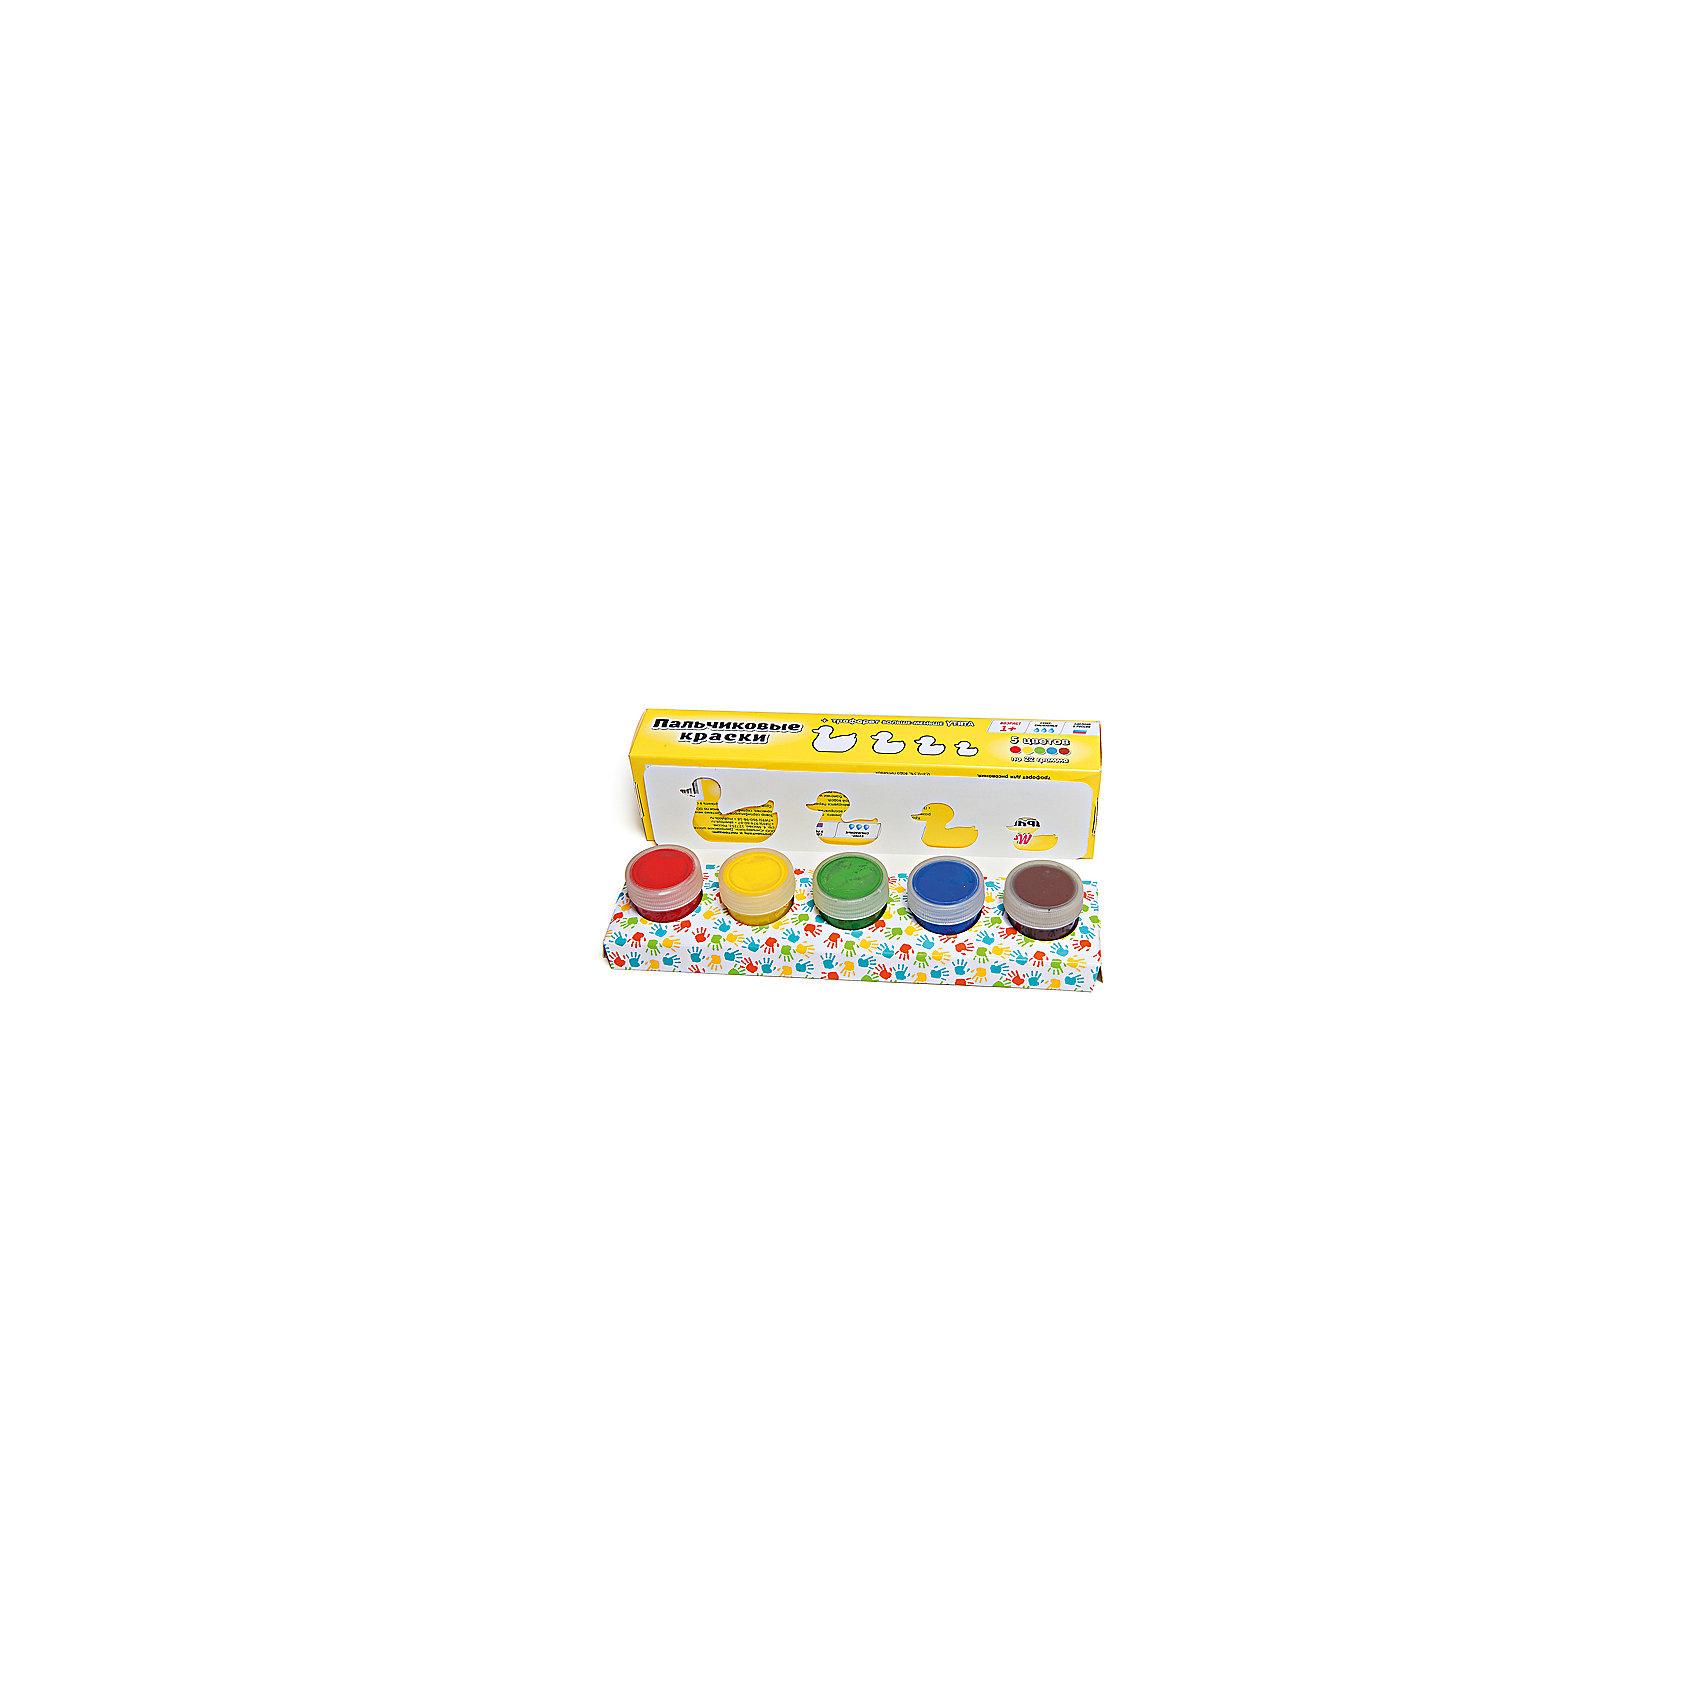 Пальчиковые краски + трафарет Утята 5цв х 22млКраски идеально подходят для раннего обучения цветам, развития тонкой моторики, тактильного восприятия. В состав включены тематический трафарет для рисования. Состав: пищевой краситель, целлюлозный загуститель, глицерин, мел, консервант косметический, вода питьевая.<br><br>Ширина мм: 24<br>Глубина мм: 6<br>Высота мм: 4<br>Вес г: 110<br>Возраст от месяцев: 12<br>Возраст до месяцев: 60<br>Пол: Унисекс<br>Возраст: Детский<br>SKU: 5115210